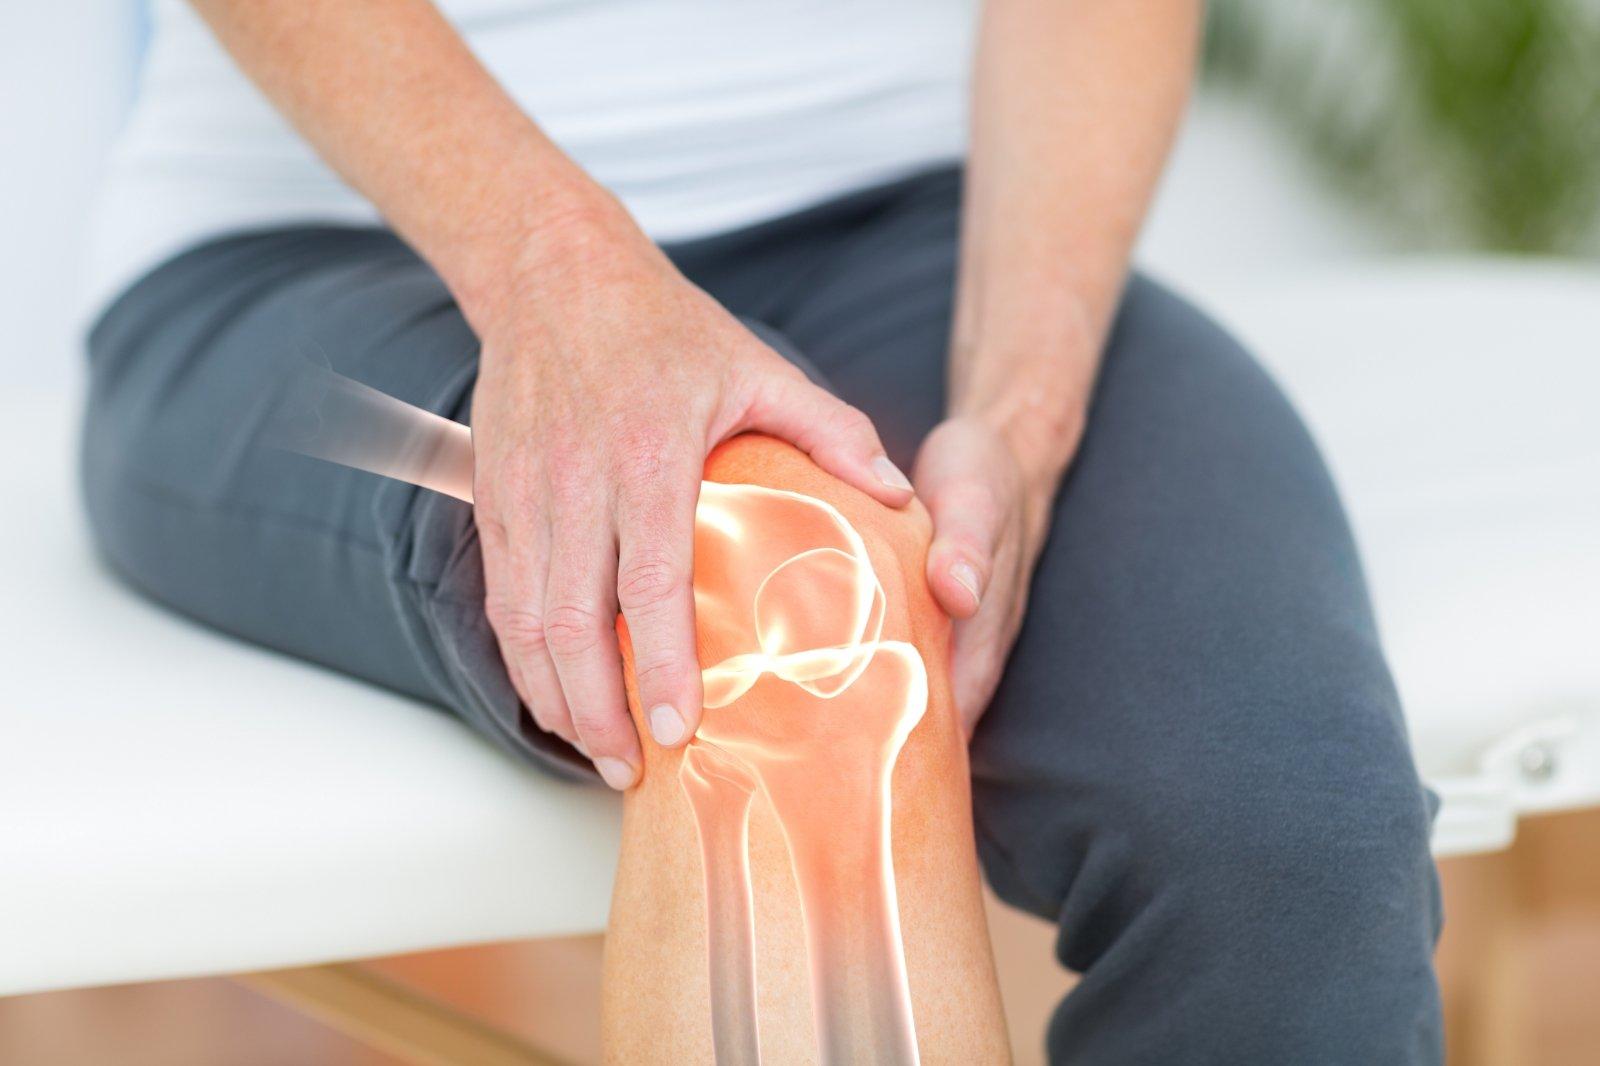 kraujagyslių sąnarių skausmas prevencija osteoartrito periferinių sąnarių